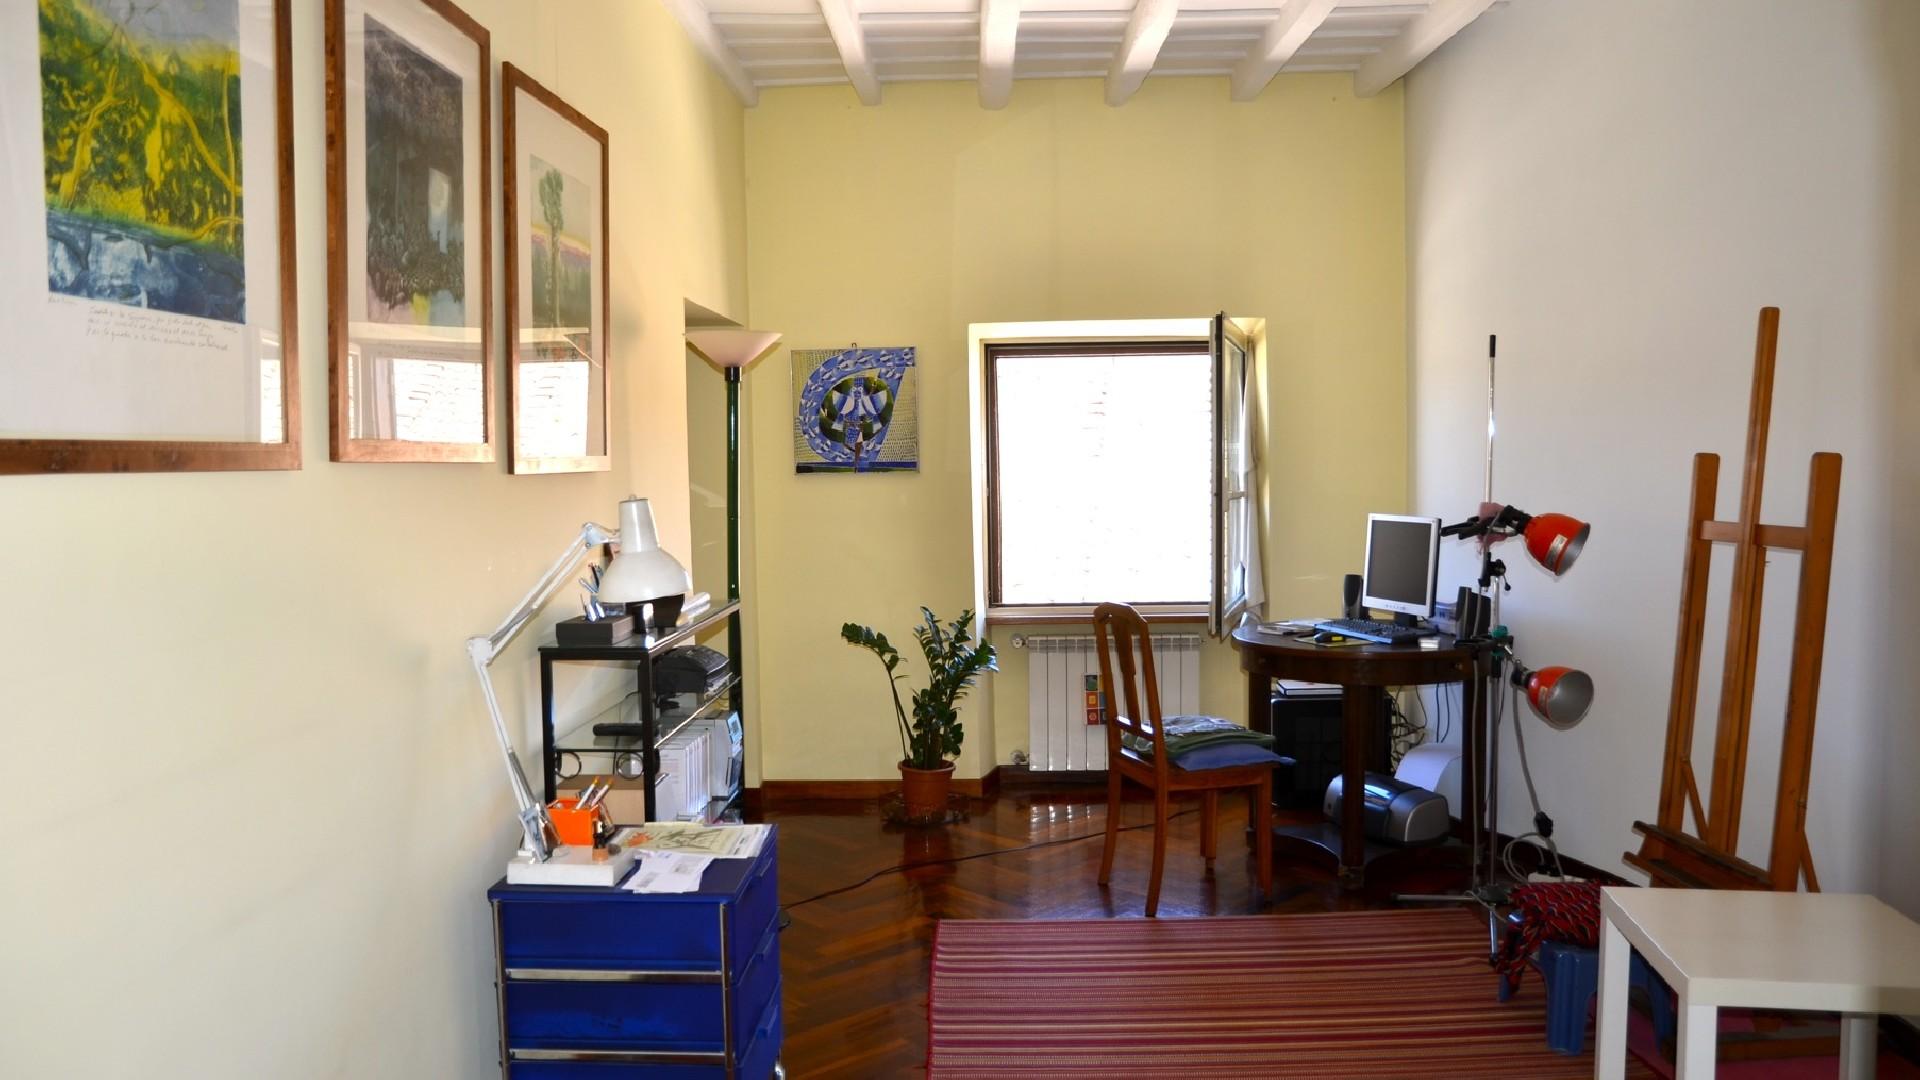 Thrinakie group roma eur prestigioso ufficio agenzia for Immobiliare ufficio roma